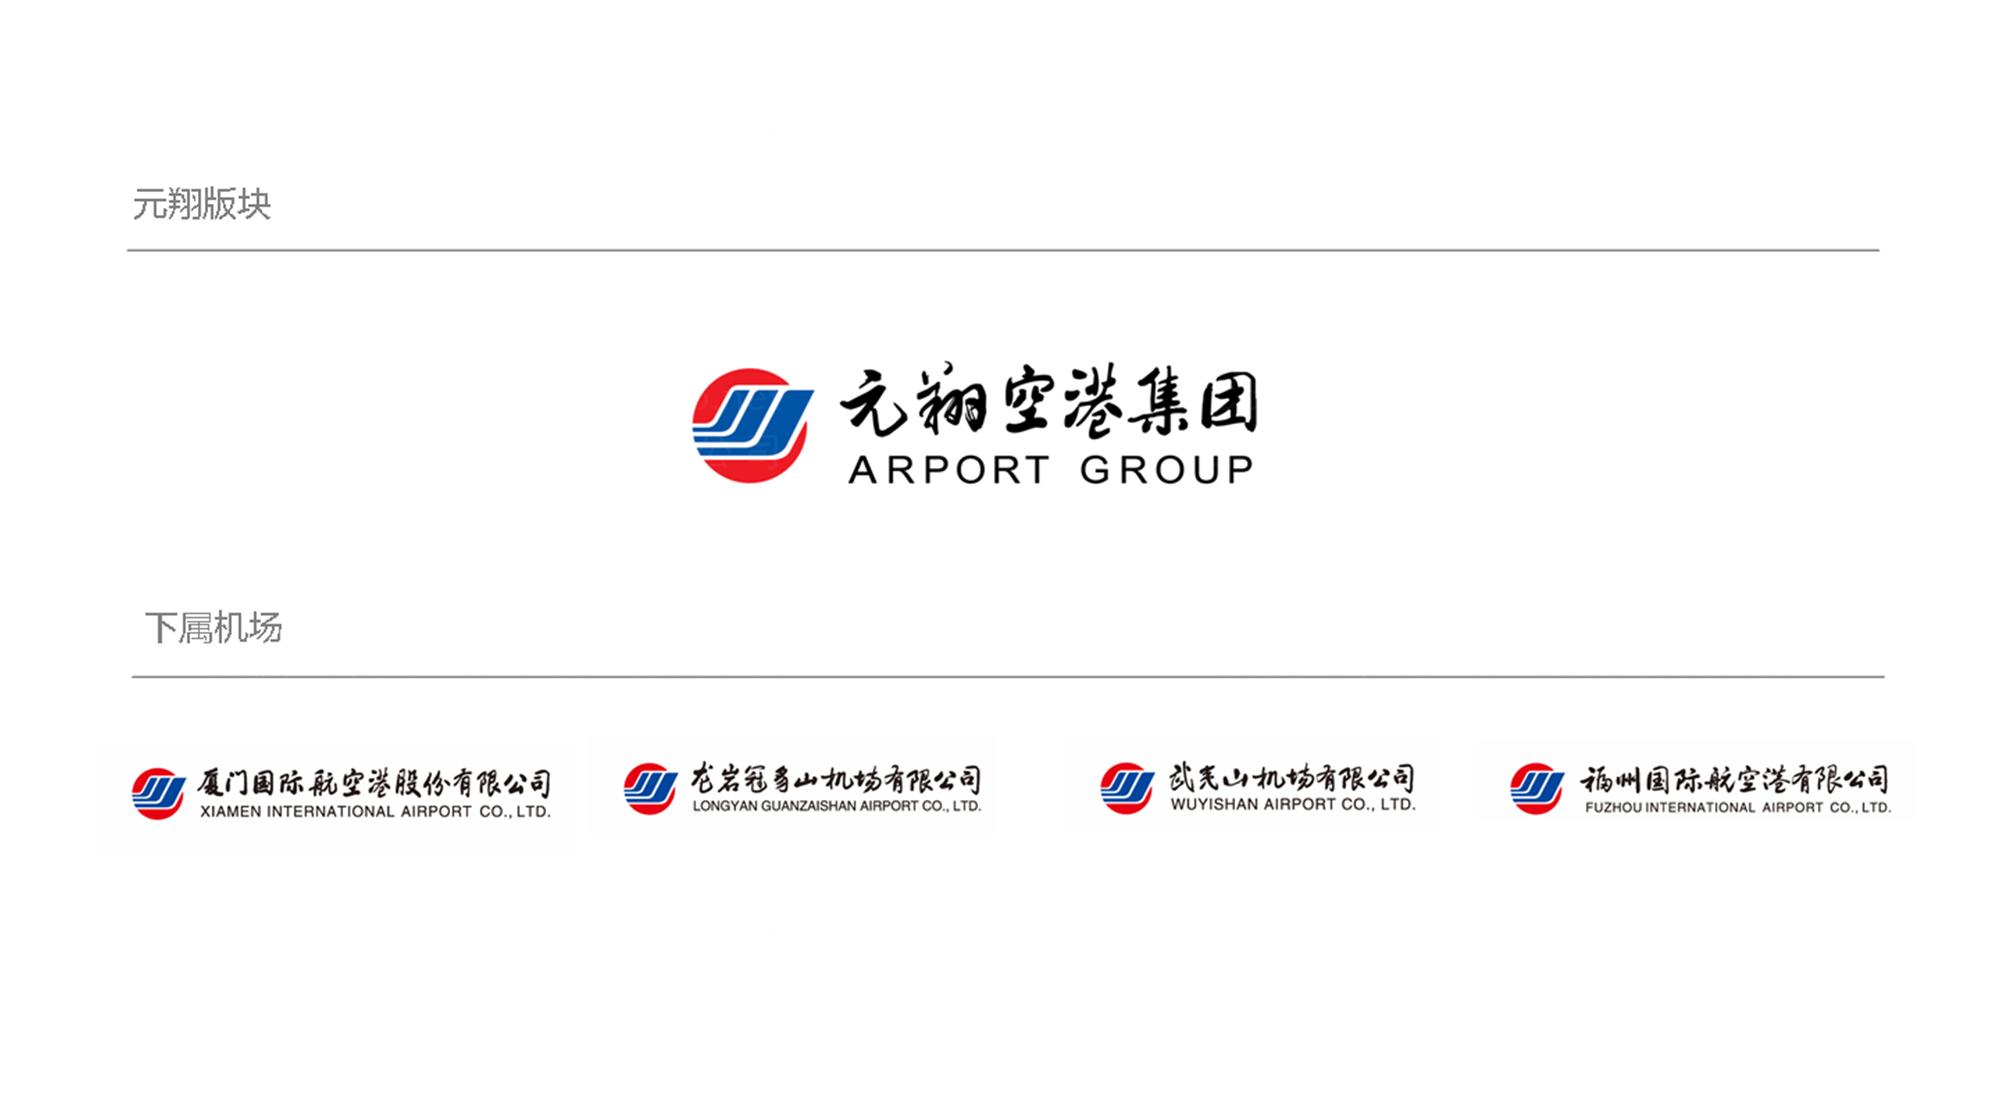 品牌设计翔业集团标志设计应用场景_5